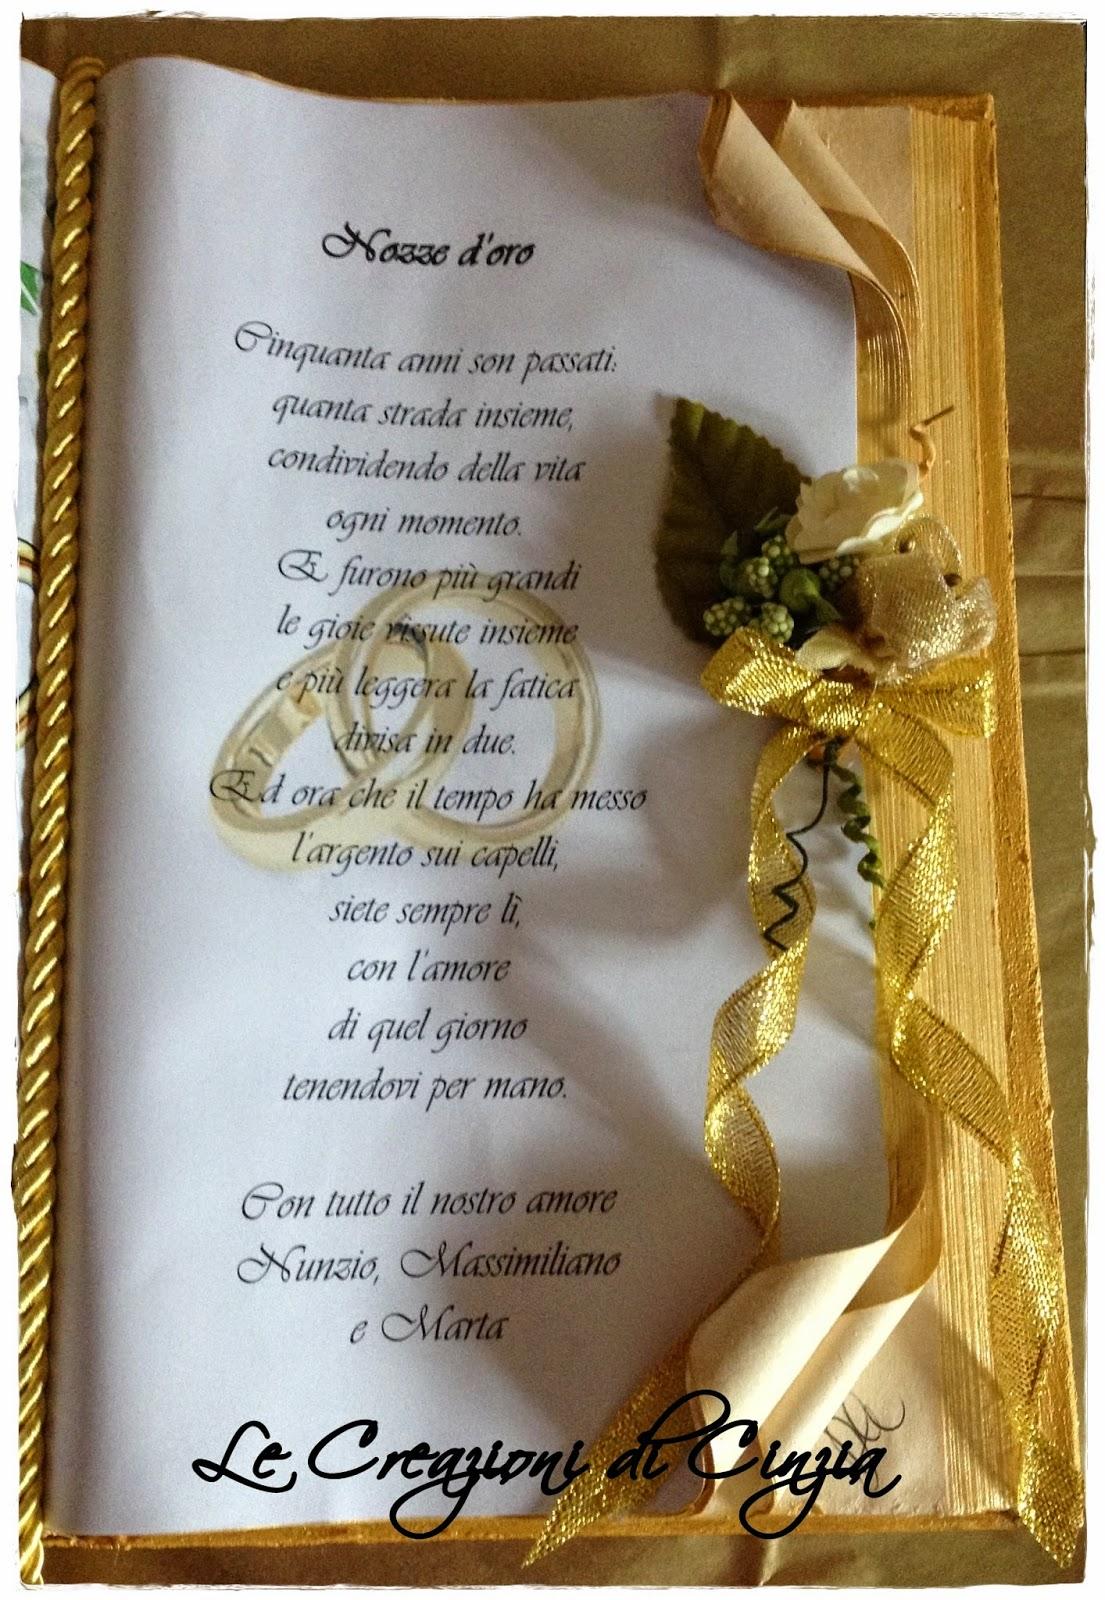 Auguri Matrimonio Tratte Da Libri : Le creazioni di cinzia nozze d oro michele e maria a